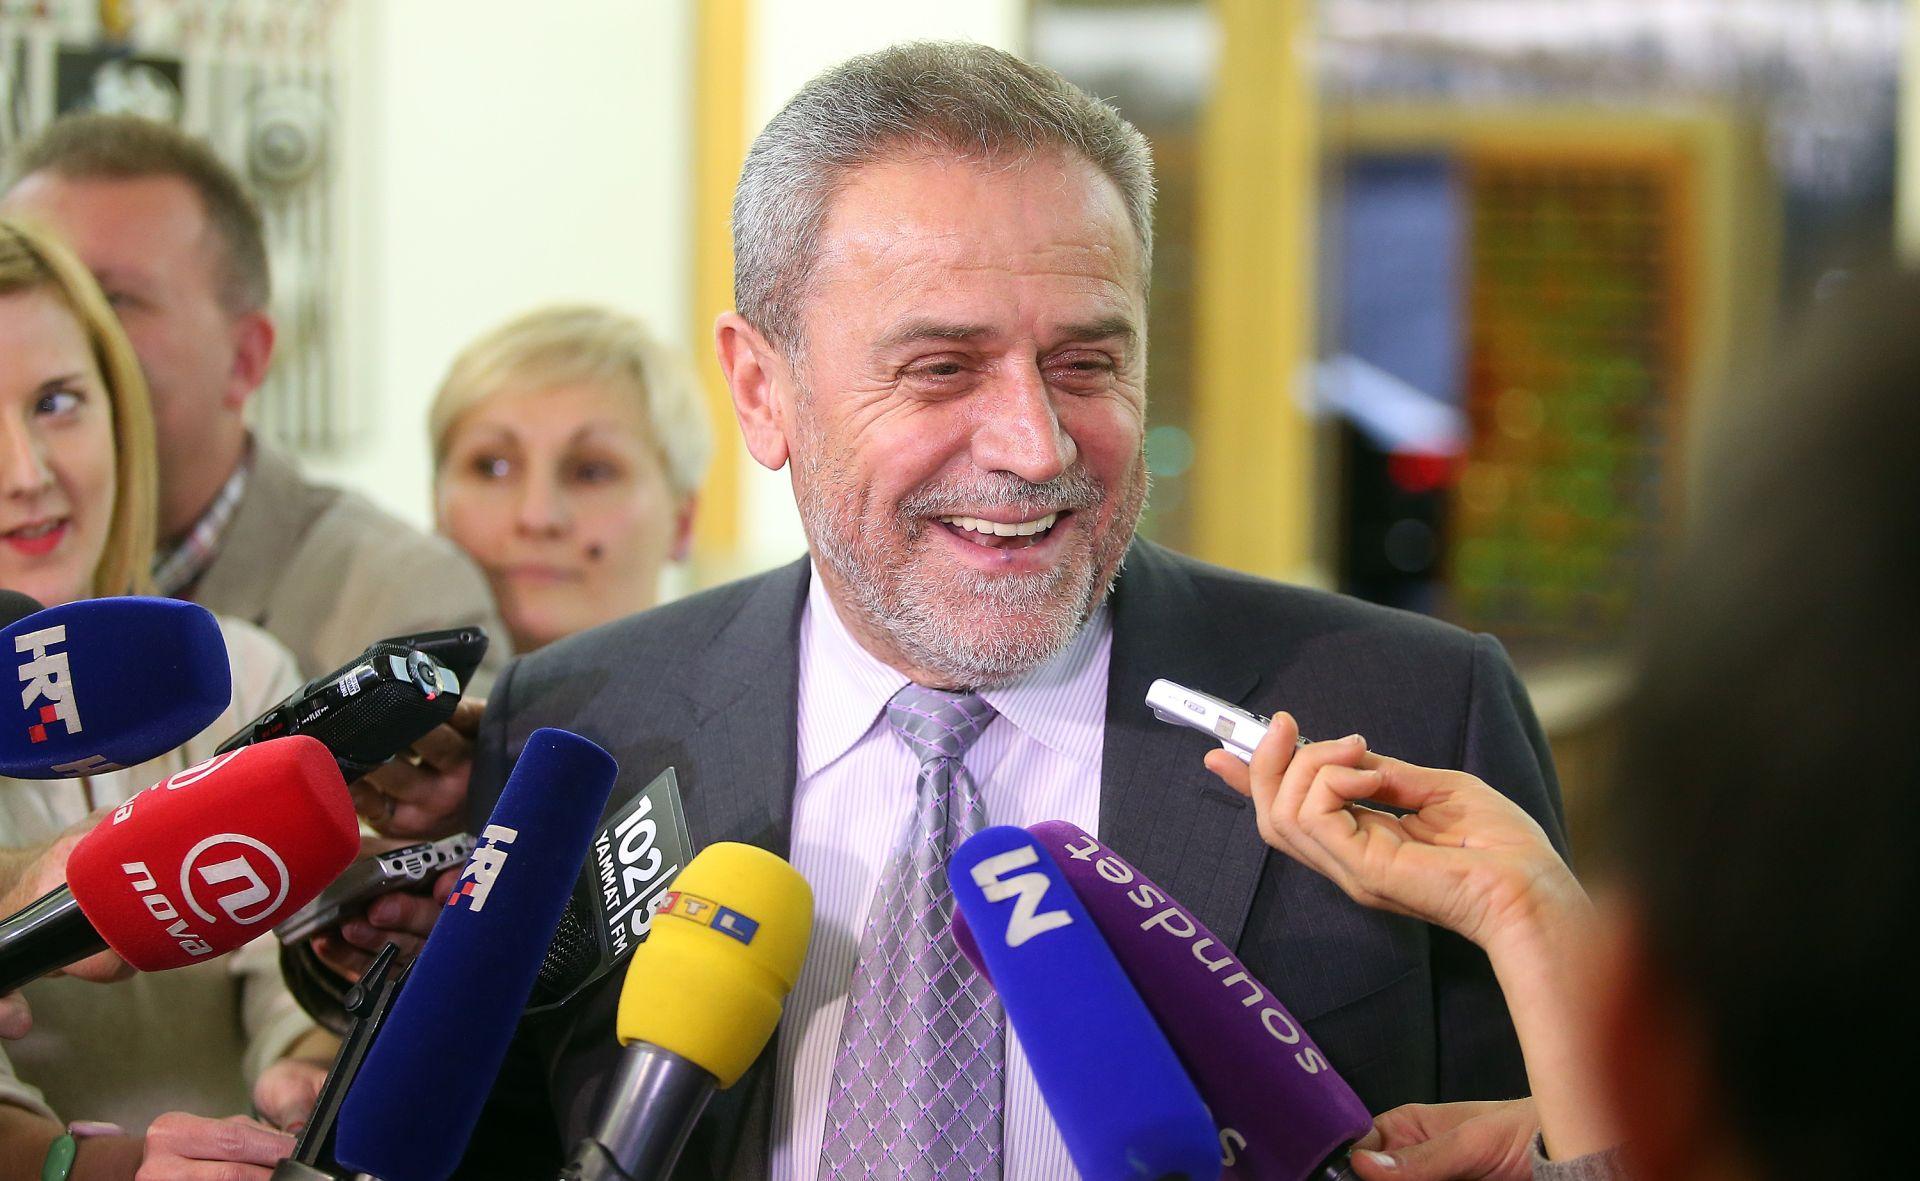 """Čačić otvoren za razgovor; Hrid nije dao bianco potporu; Bandić podržao novog mandatara: """"Mislim da se zove Orešković"""""""